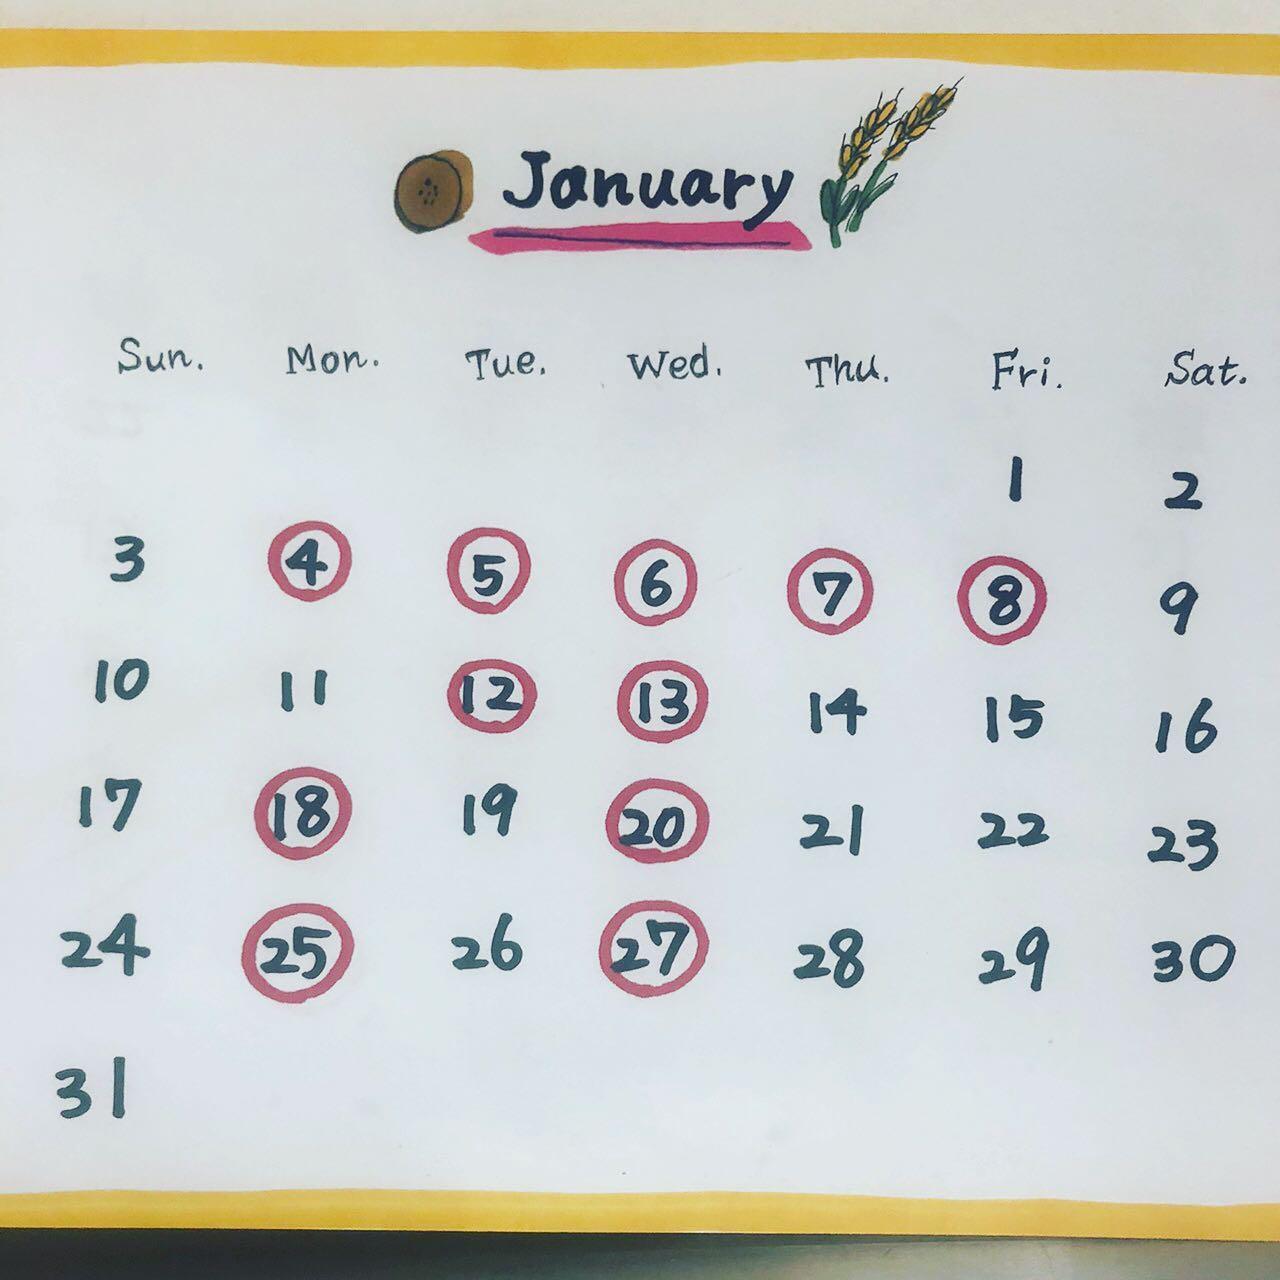 *1月定休日のお知らせ*お知らせが遅くなってしまい申し訳ありません♀️赤丸の日をおやすみいただきます♀️三ヶ日はテイクアウトのみの営業になりますが、パン、焼き菓子沢山焼いて元気いっぱい営業致します!